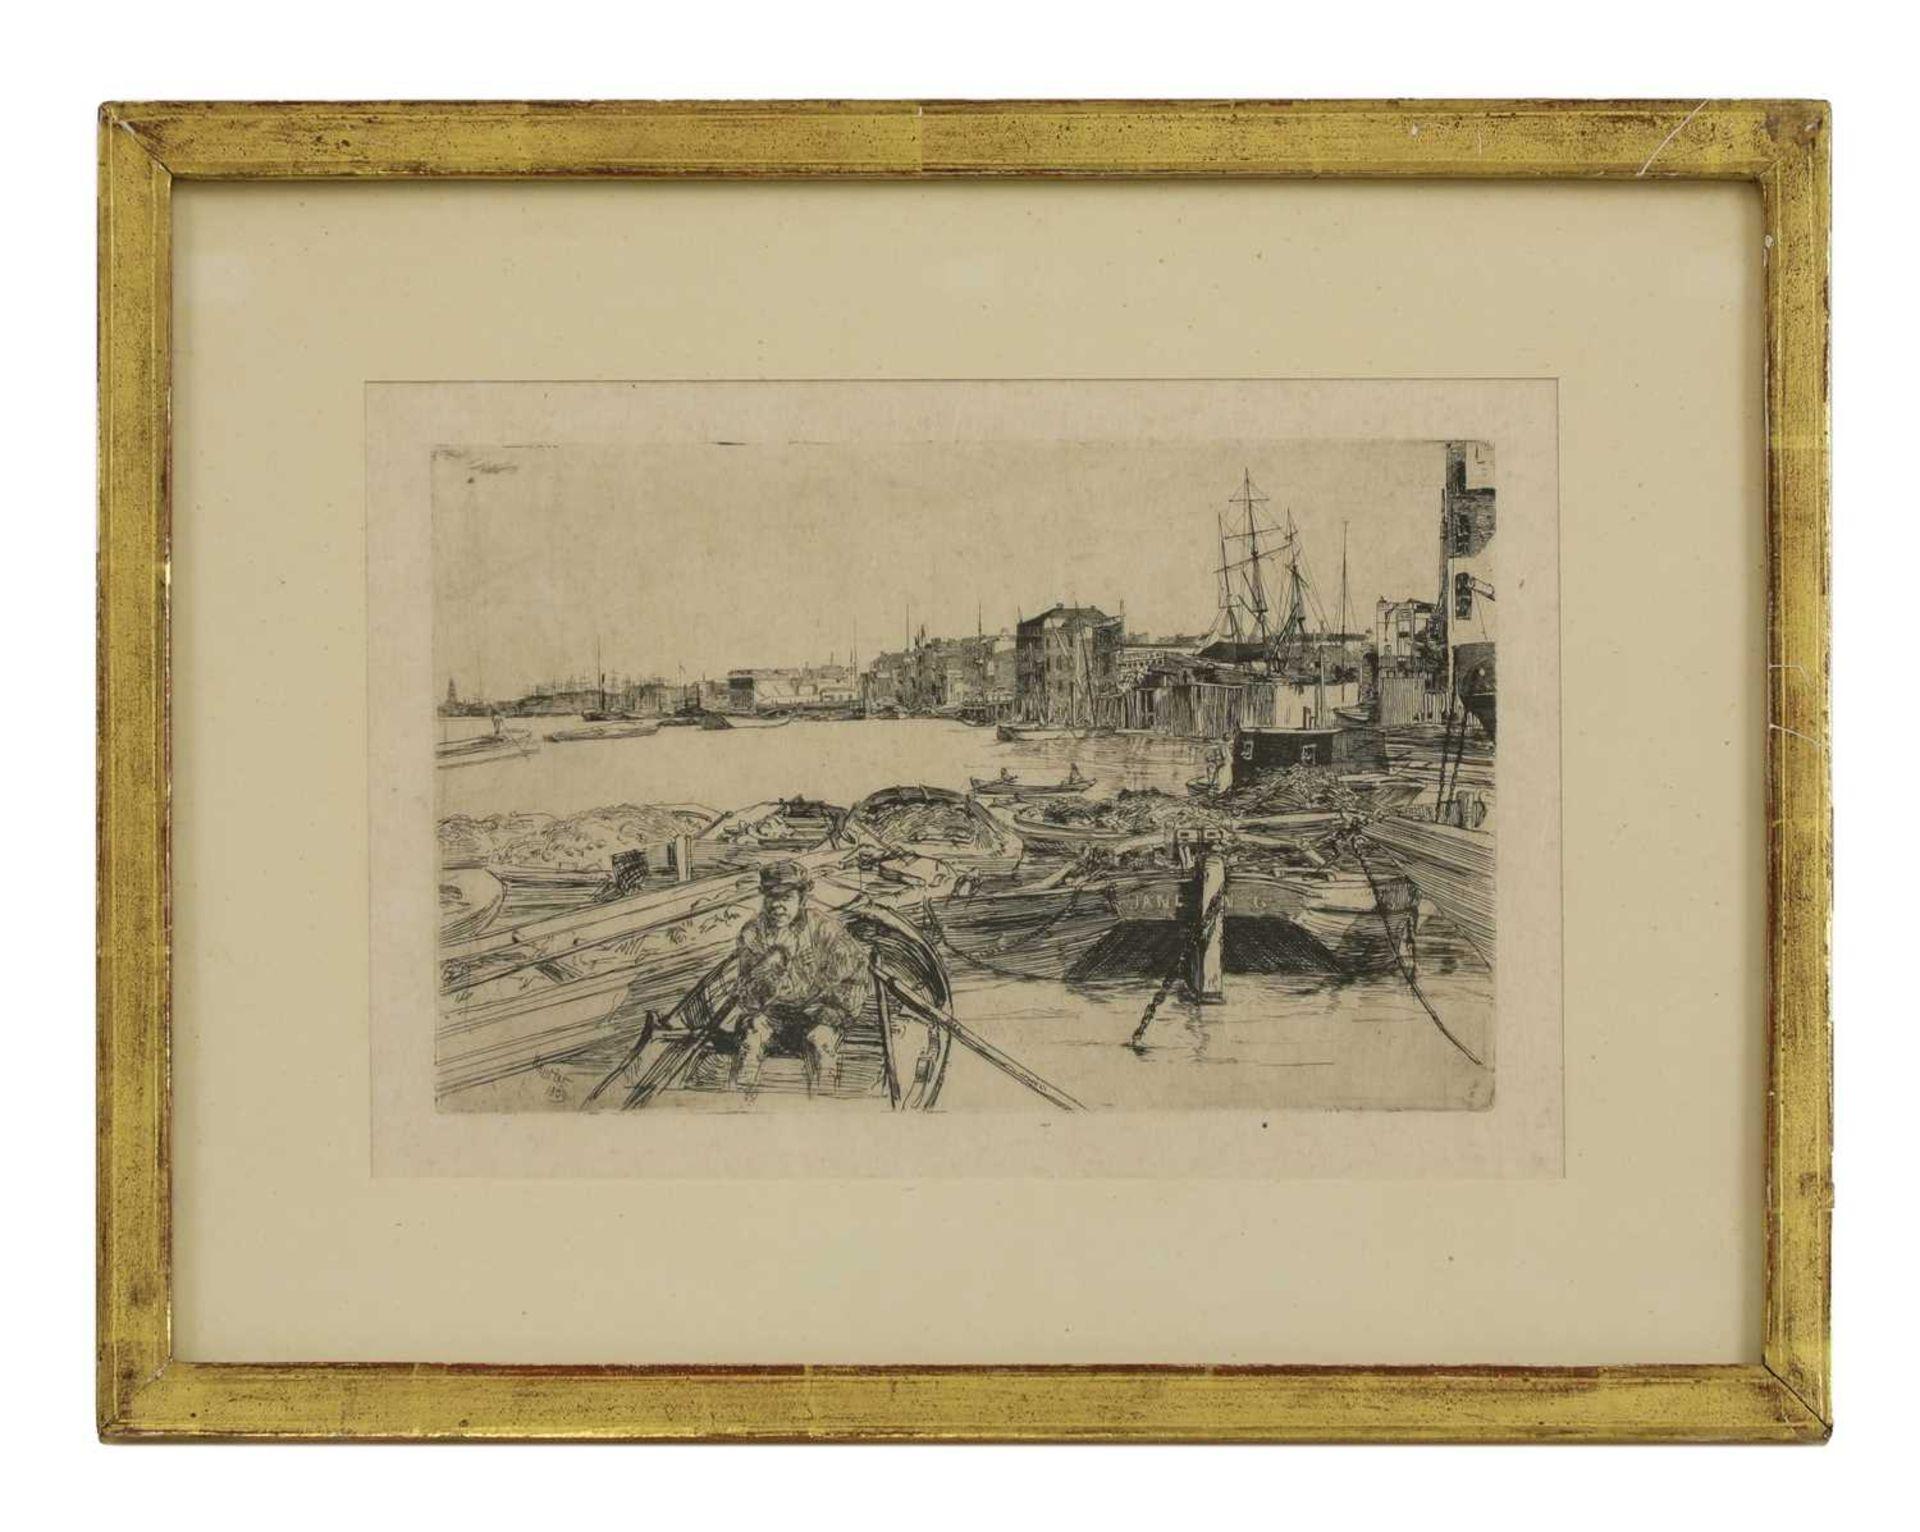 JAMES ABBOTT MCNEILL WHISTLER (1834-1903) - Image 2 of 2